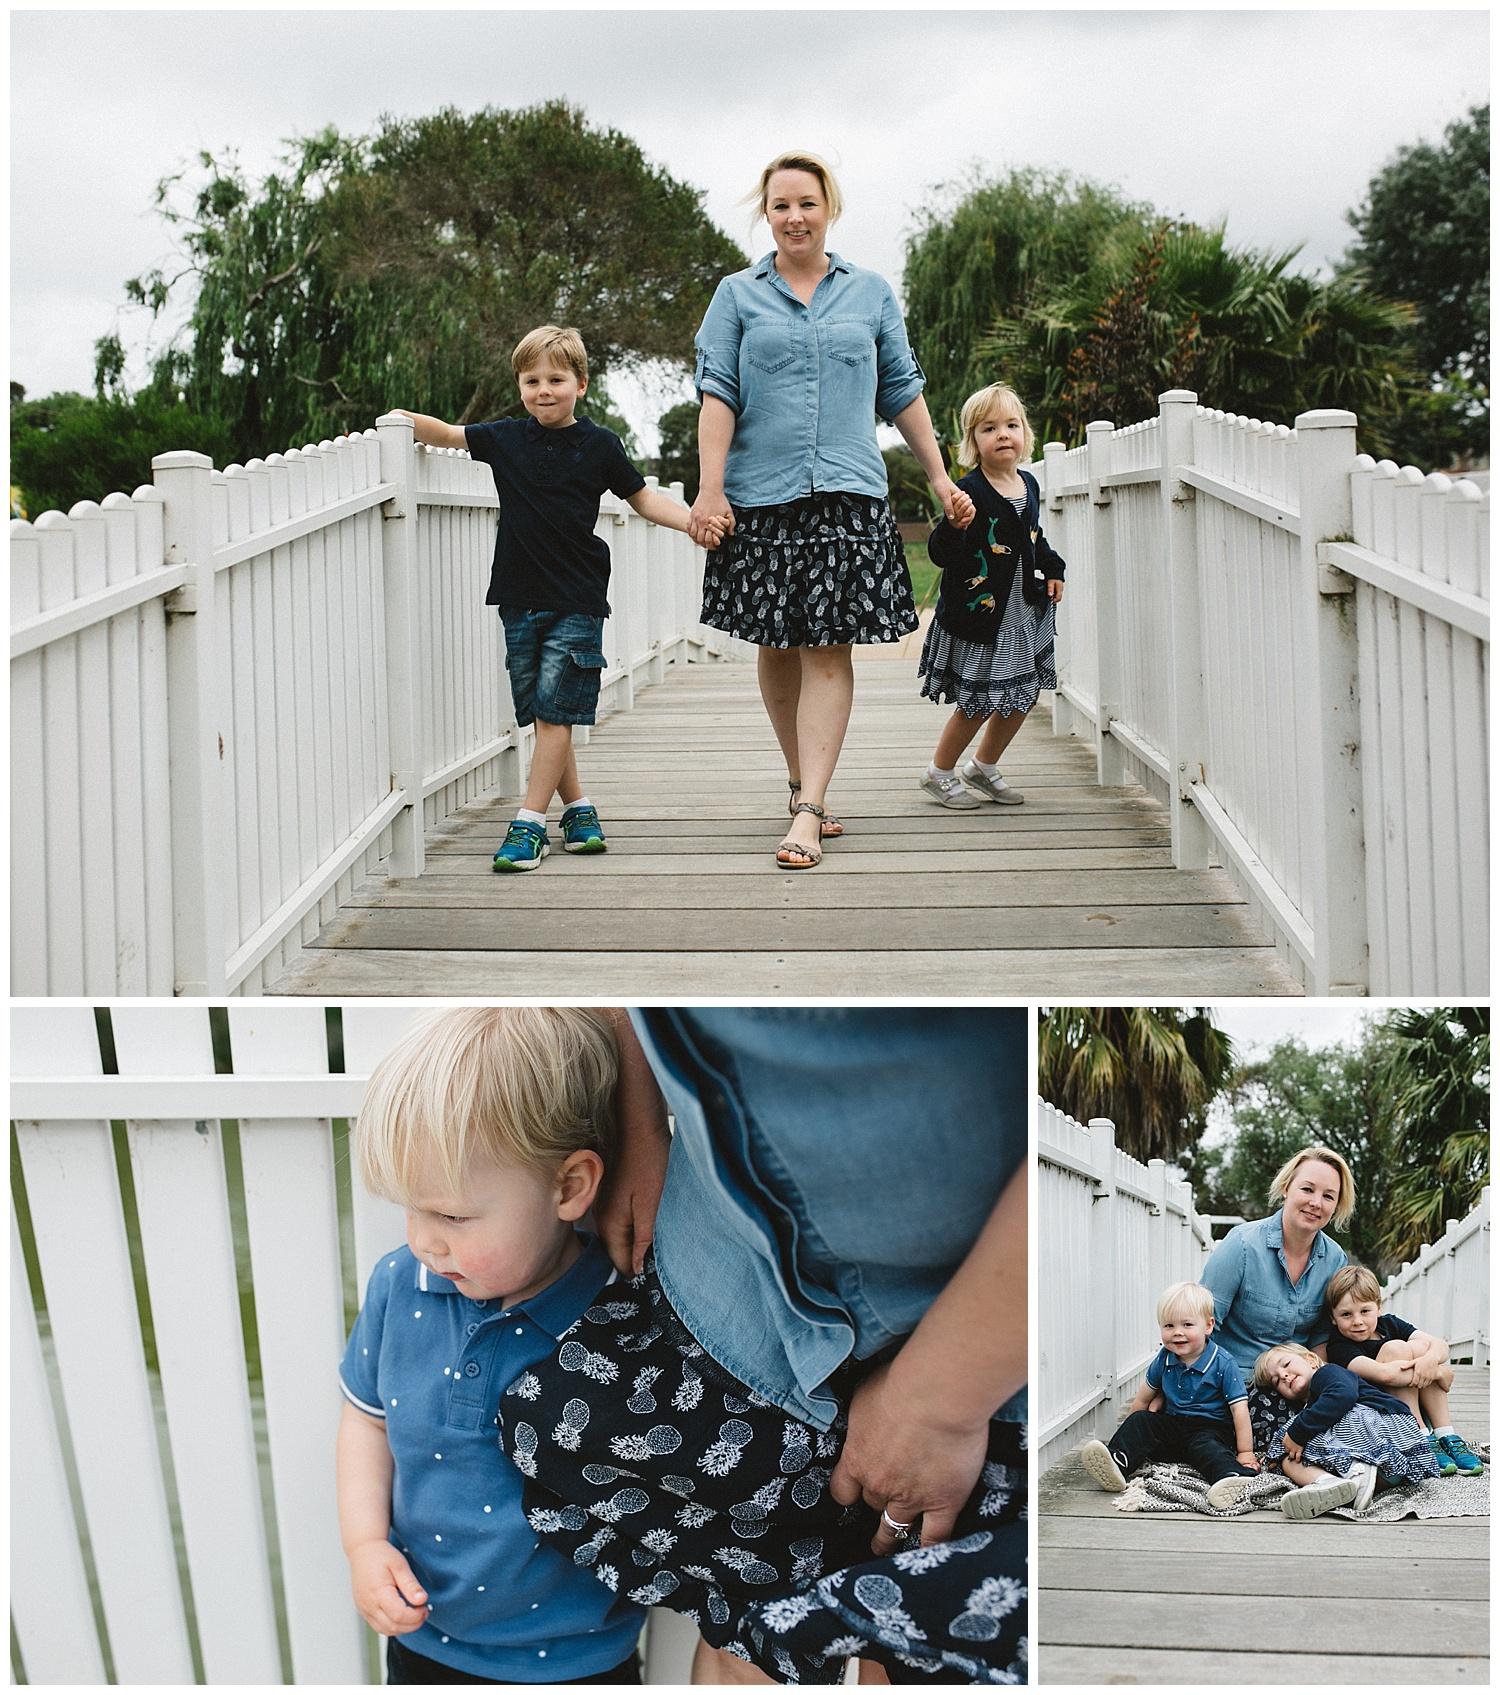 highett newborn and toddler photographer